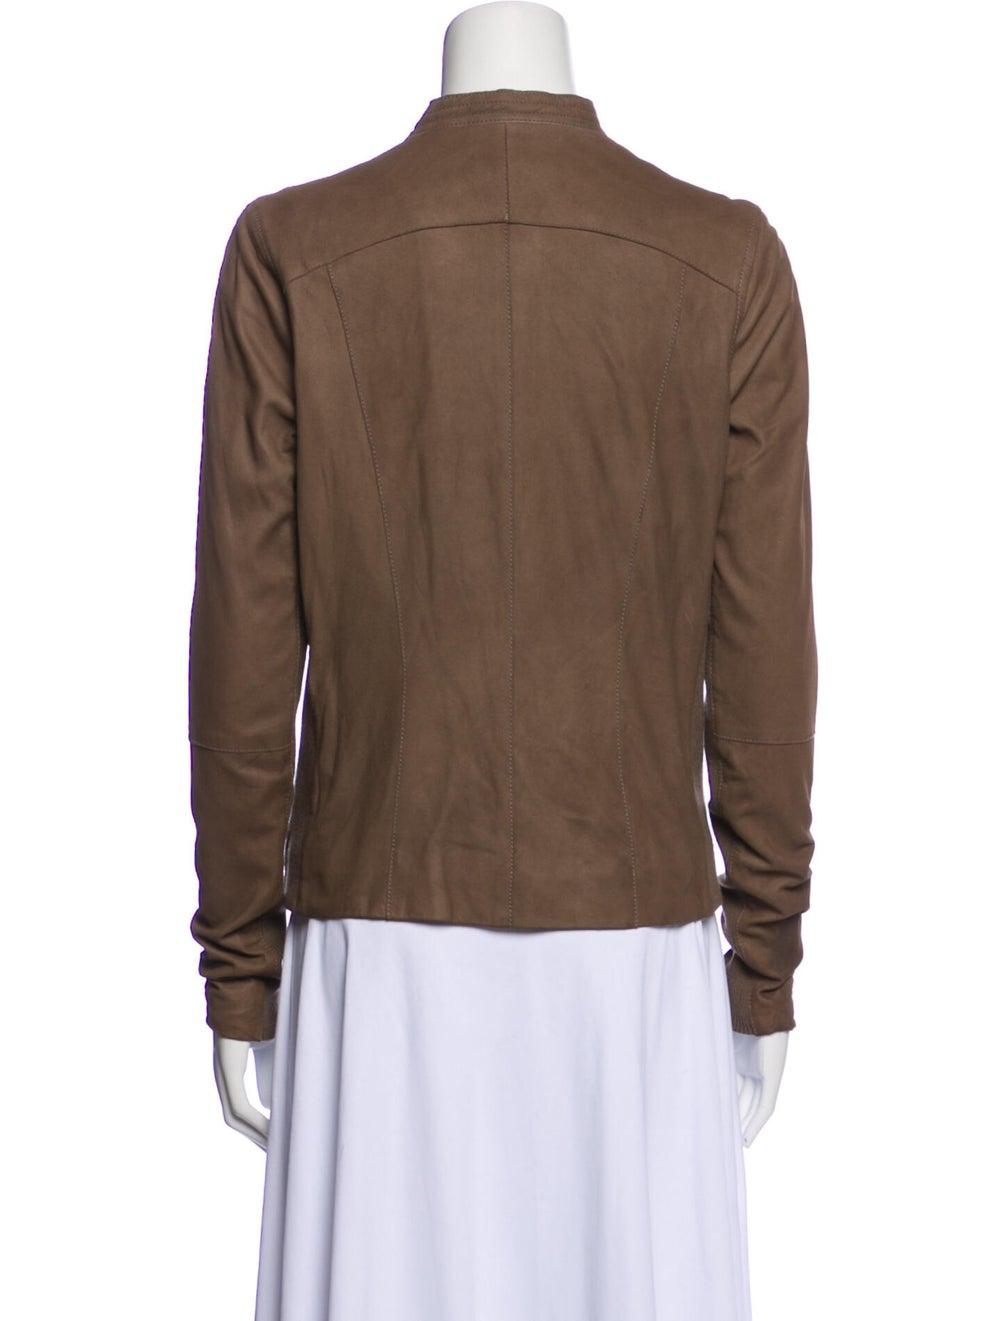 Vince Leather Biker Jacket Brown - image 3